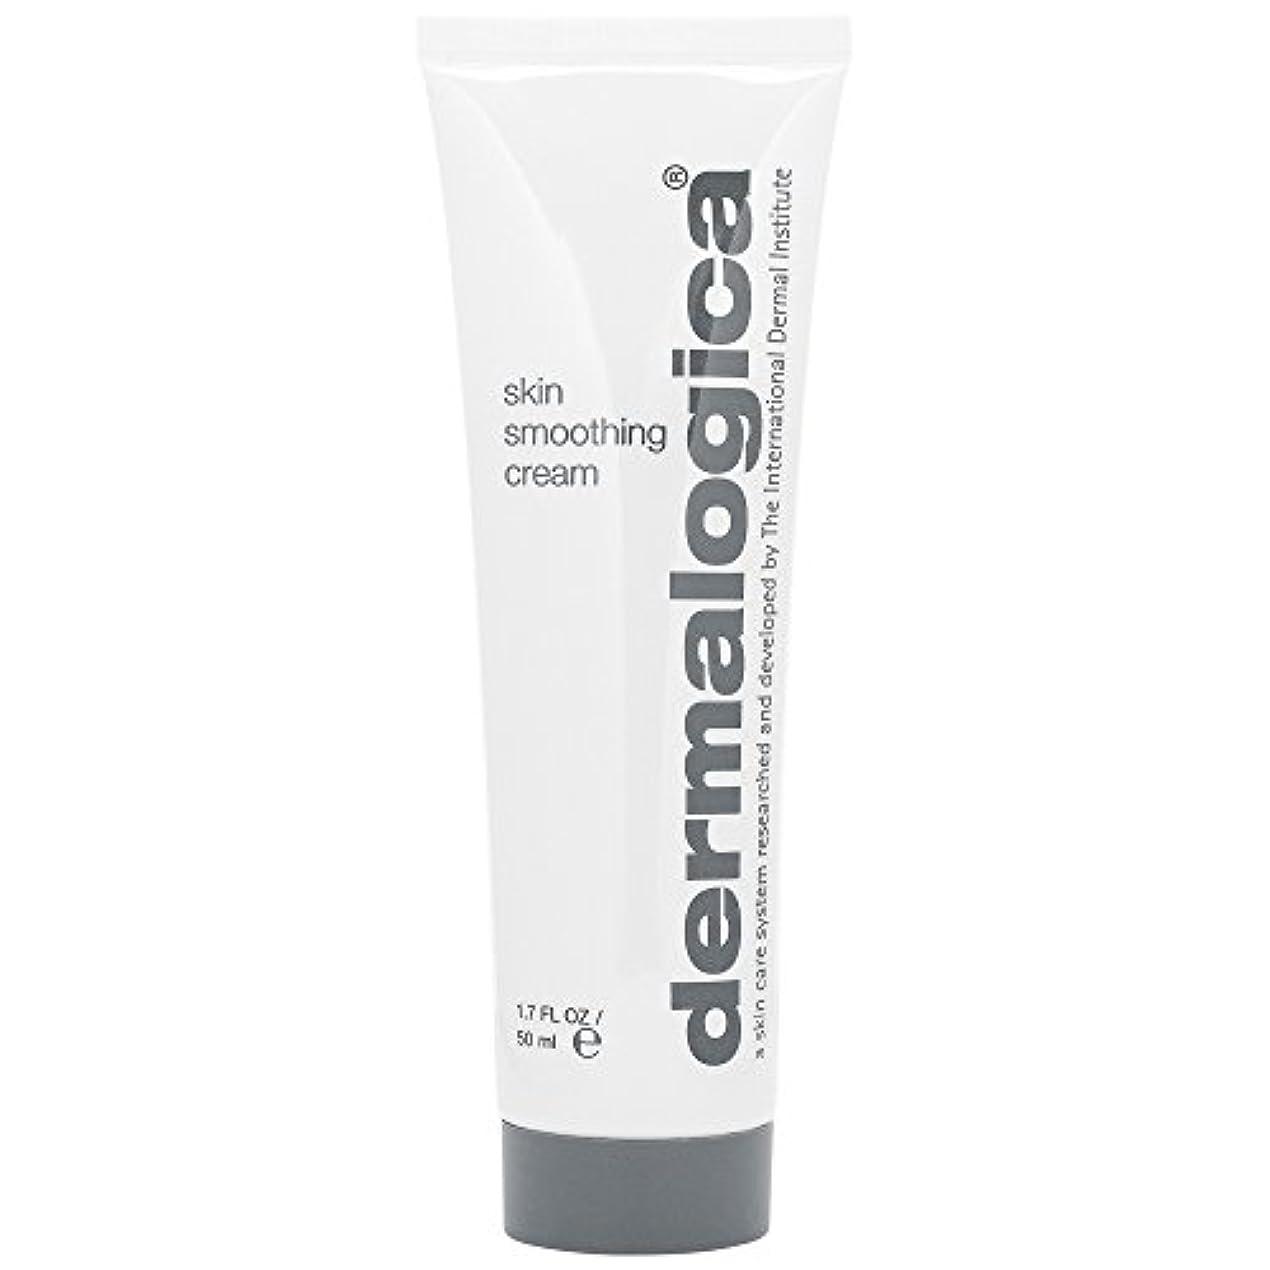 線アラーム豚ダーマロジカスキンスムージングクリーム50ミリリットル (Dermalogica) (x6) - Dermalogica Skin Smoothing Cream 50ml (Pack of 6) [並行輸入品]